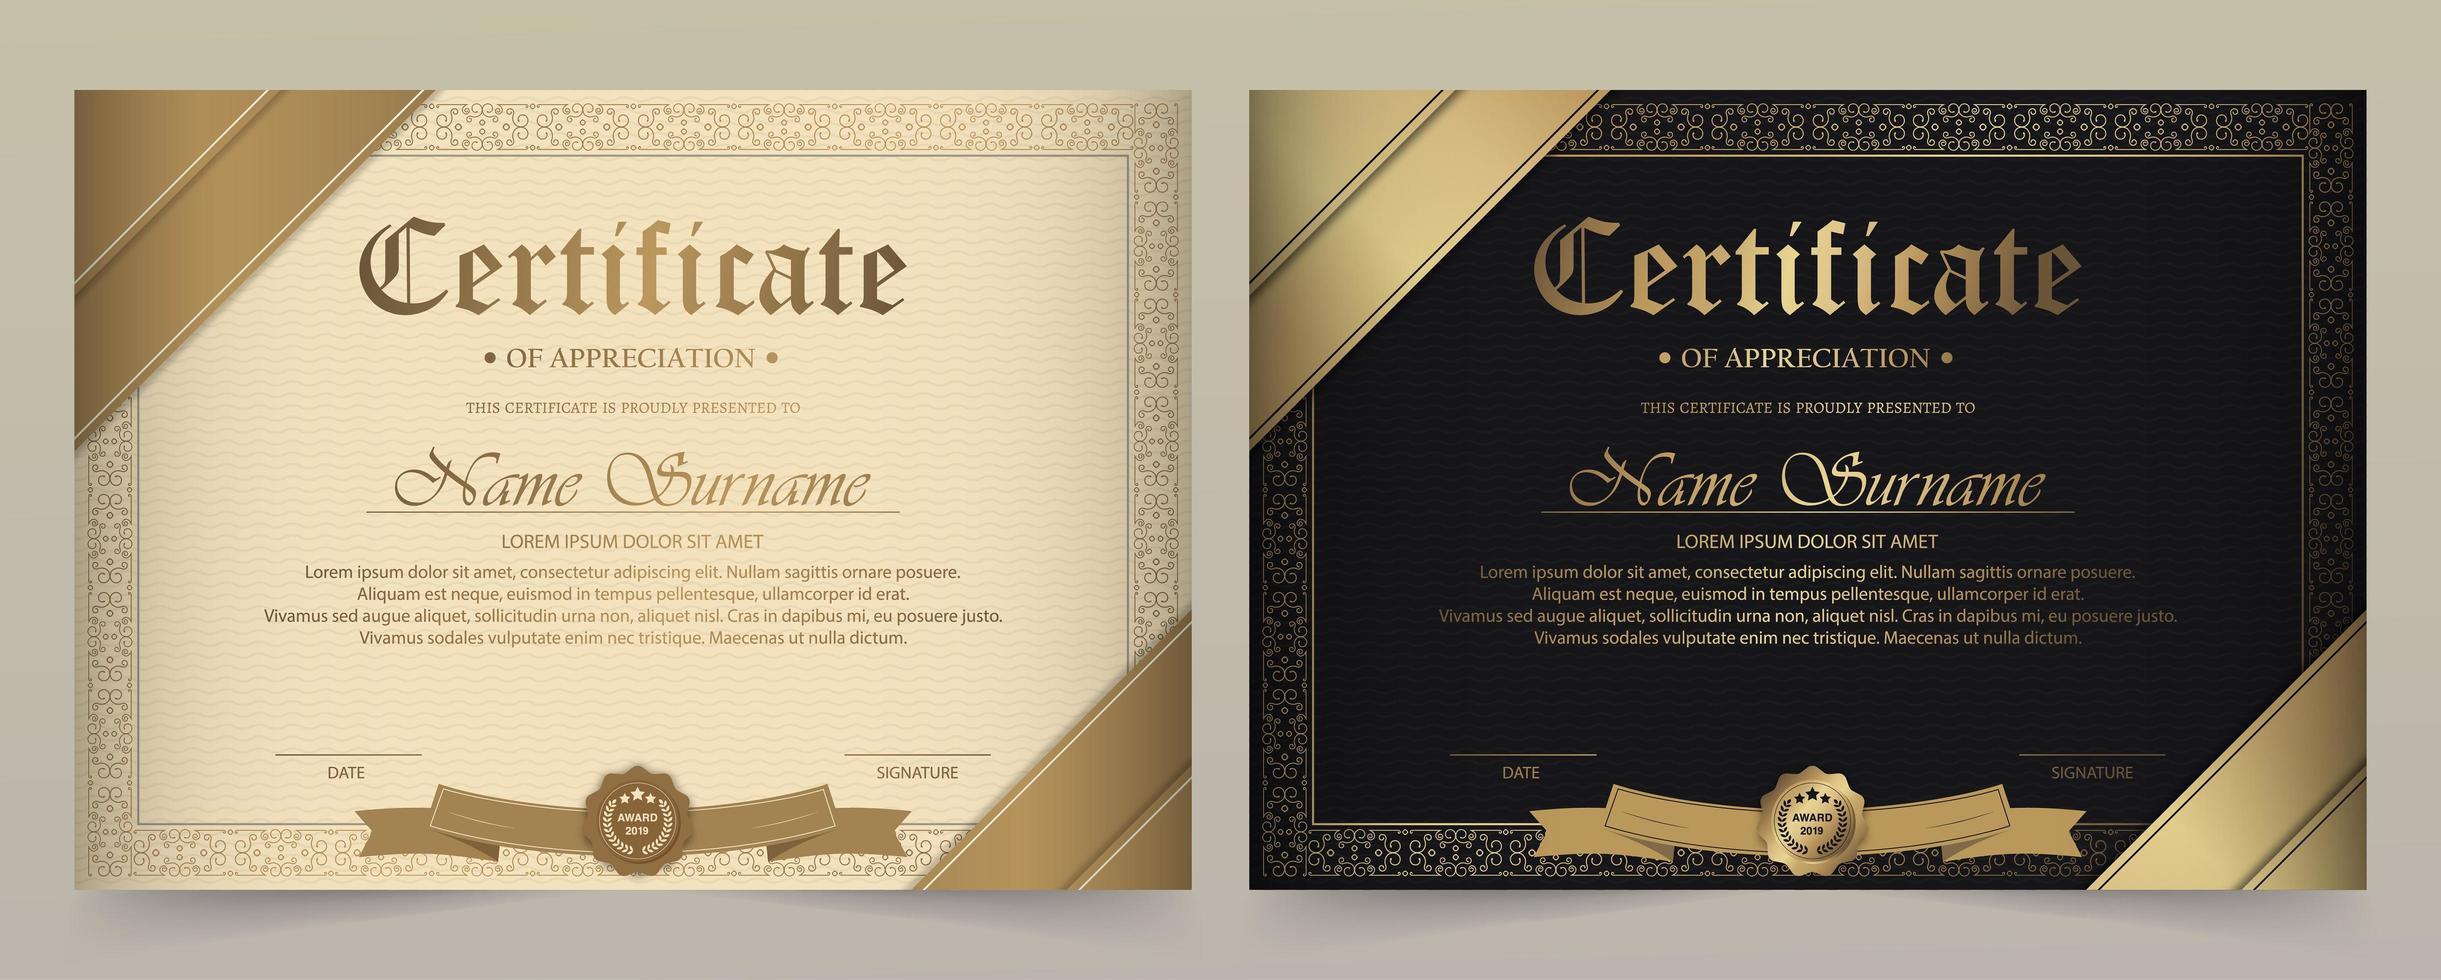 certificaat van waardering sjabloon set vector